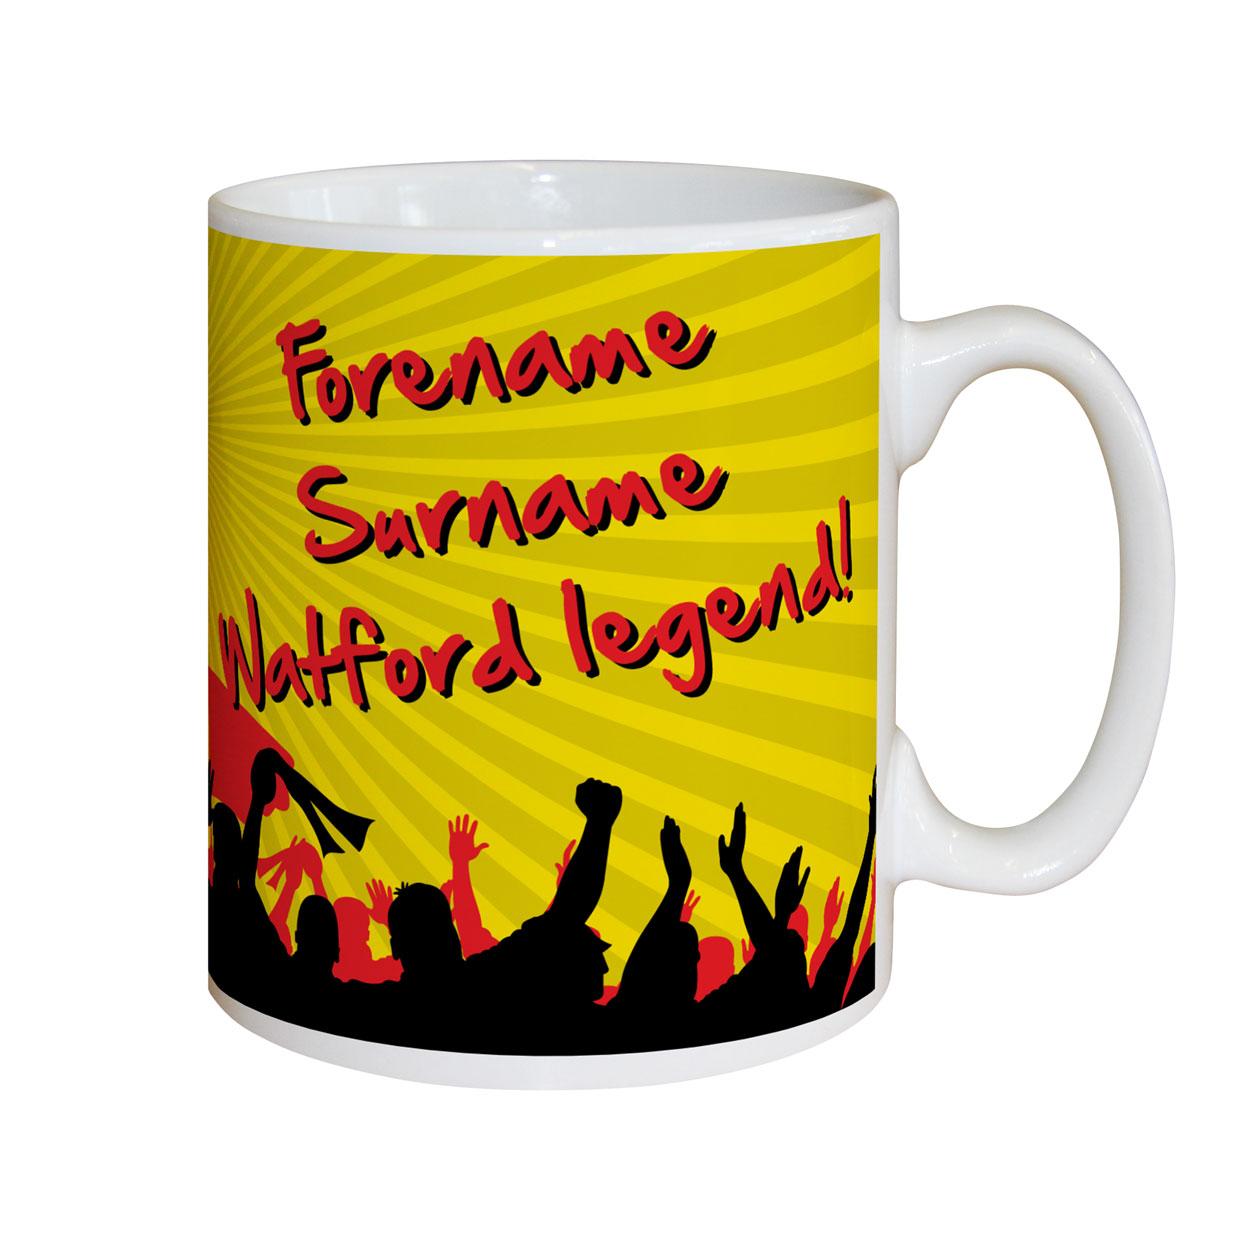 Watford FC Legend Mug